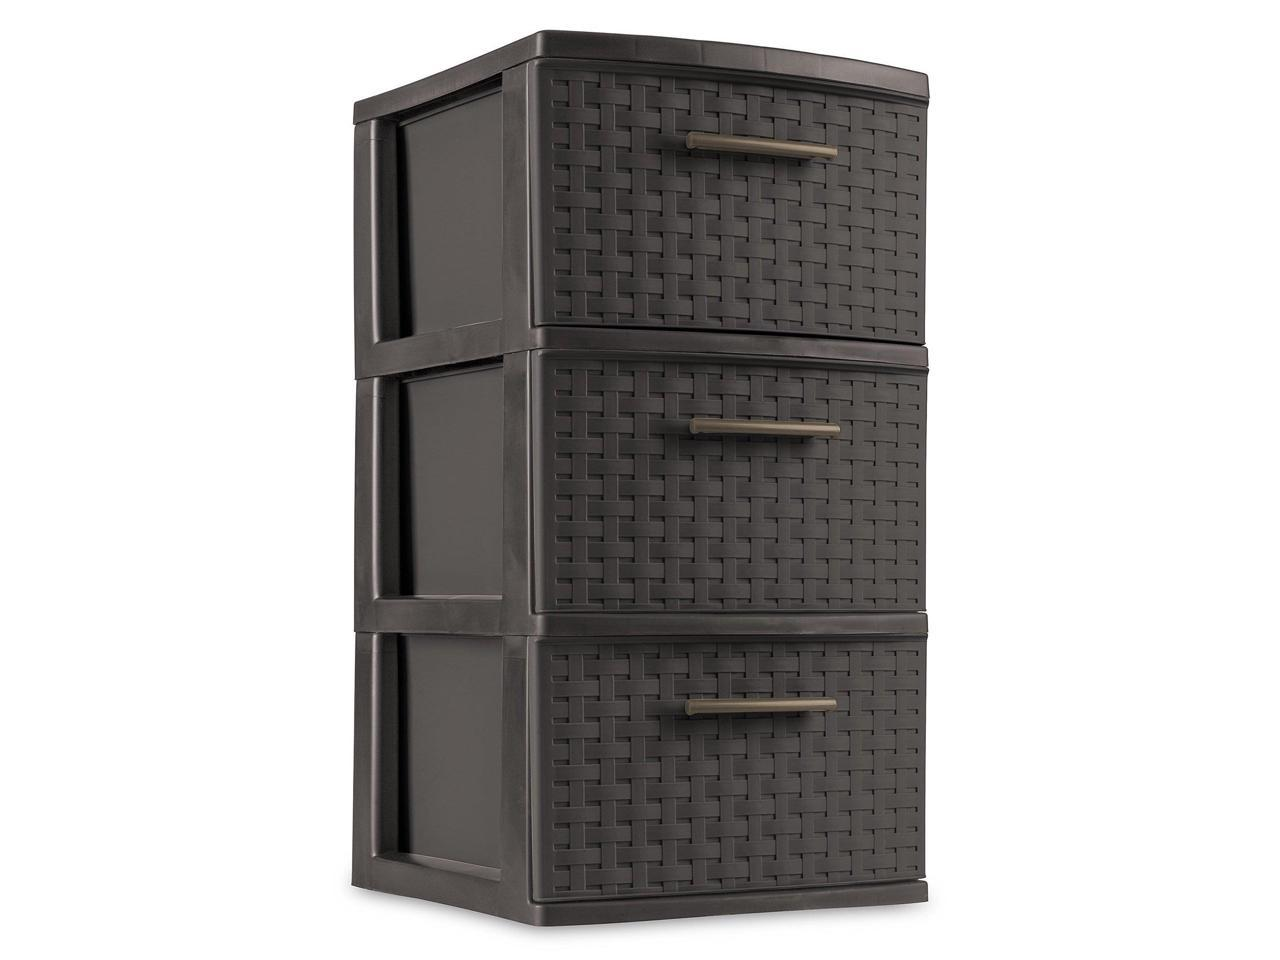 Espresso Sterilite 3 Drawer Wicker Weave Decorative Storage Tower 2 Pack